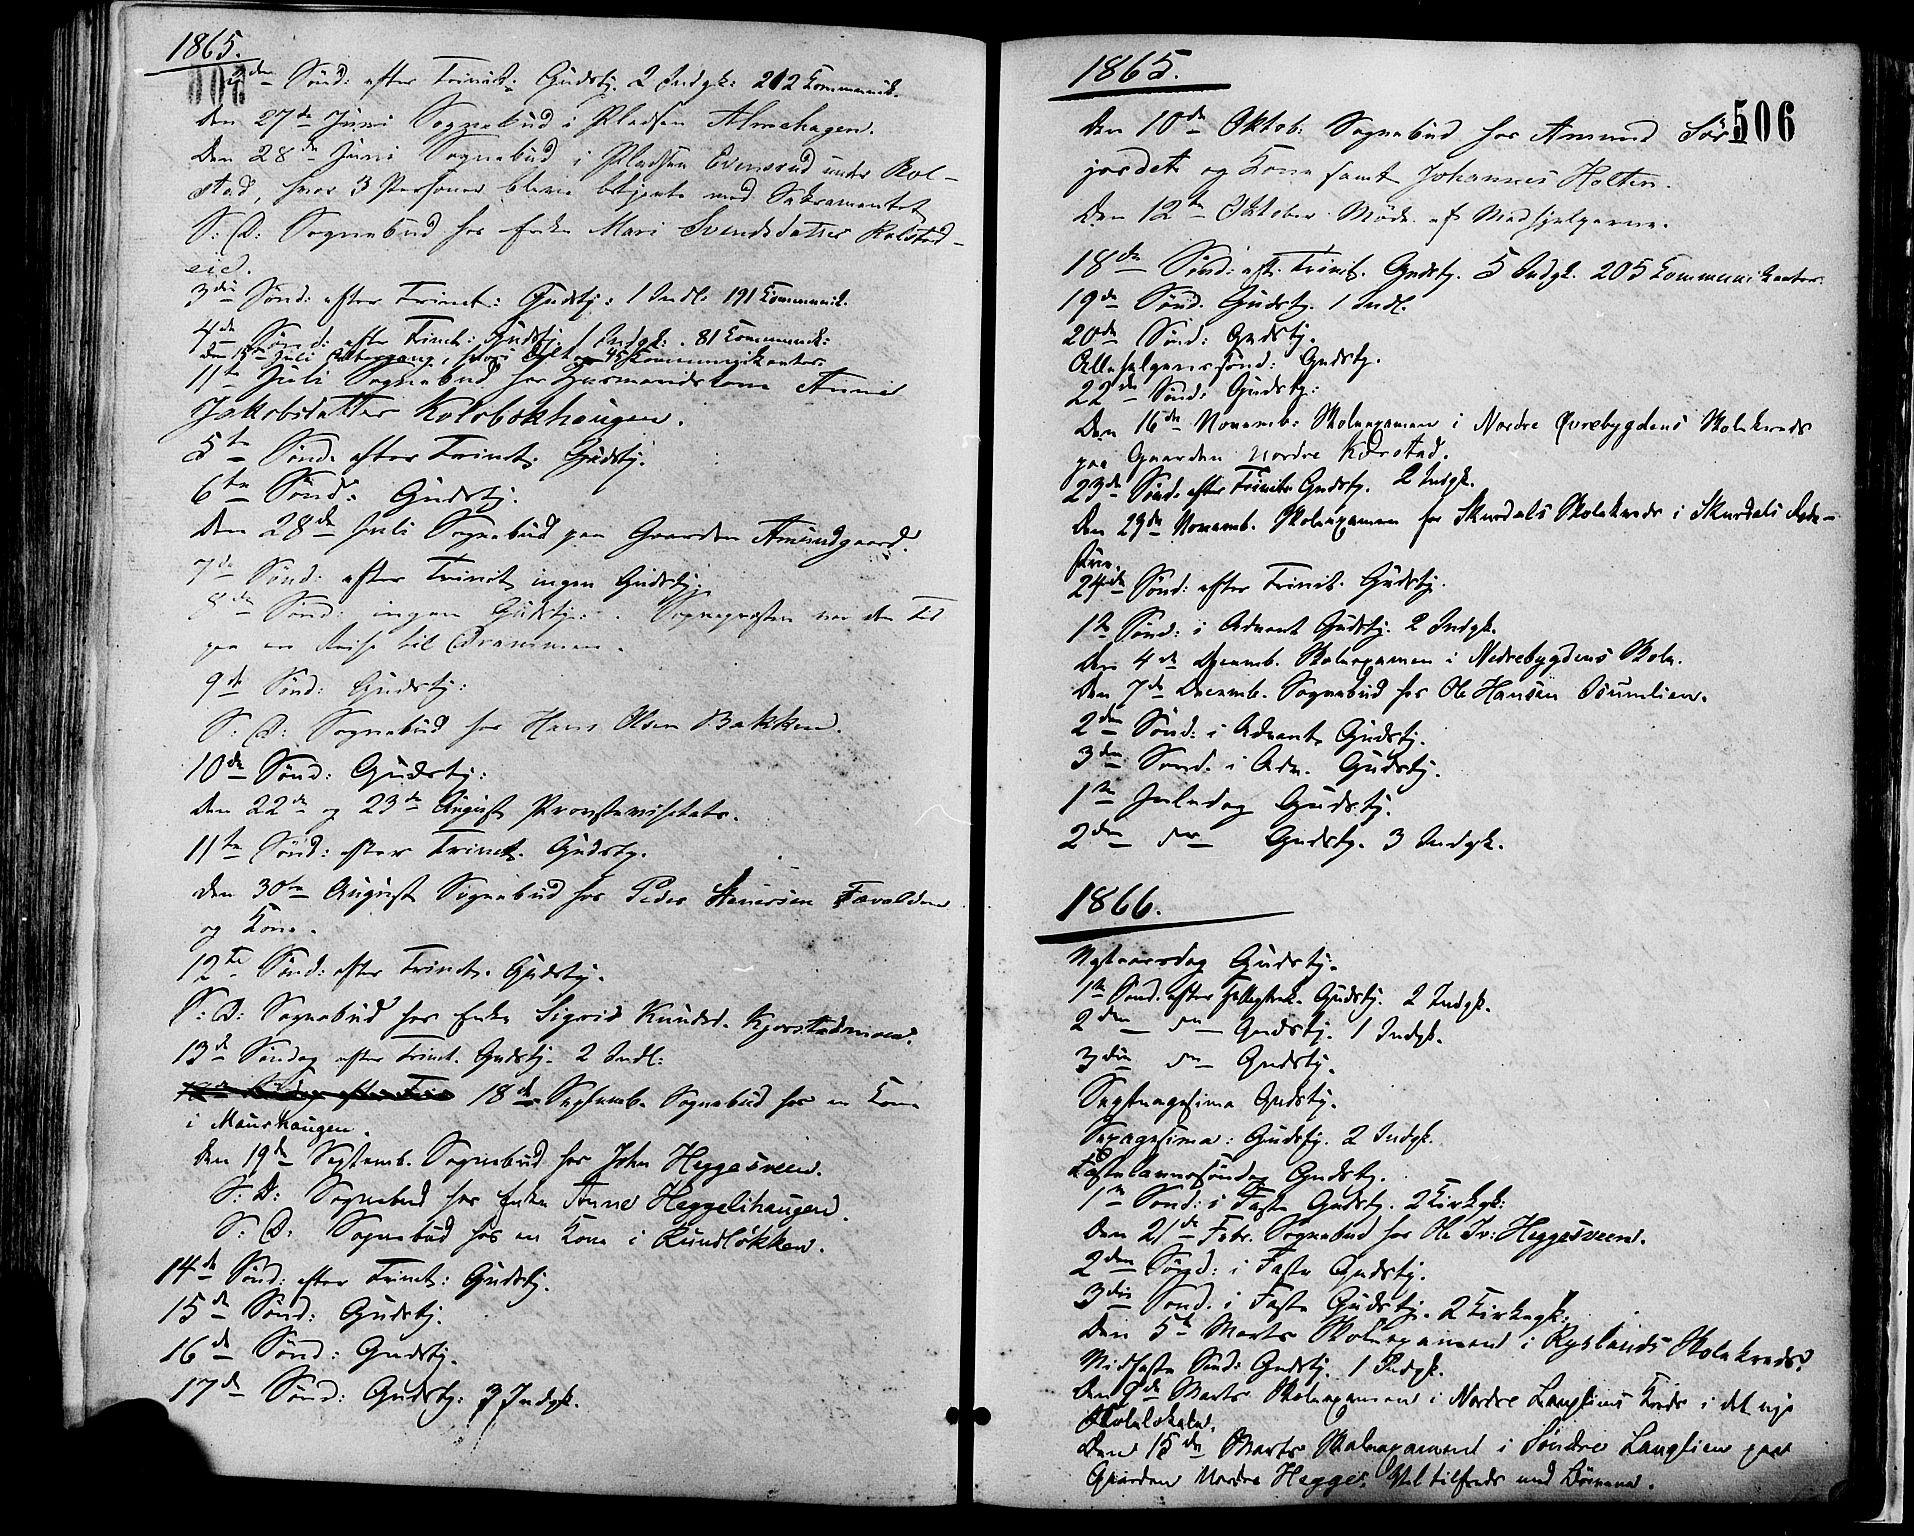 SAH, Sør-Fron prestekontor, H/Ha/Haa/L0002: Ministerialbok nr. 2, 1864-1880, s. 506